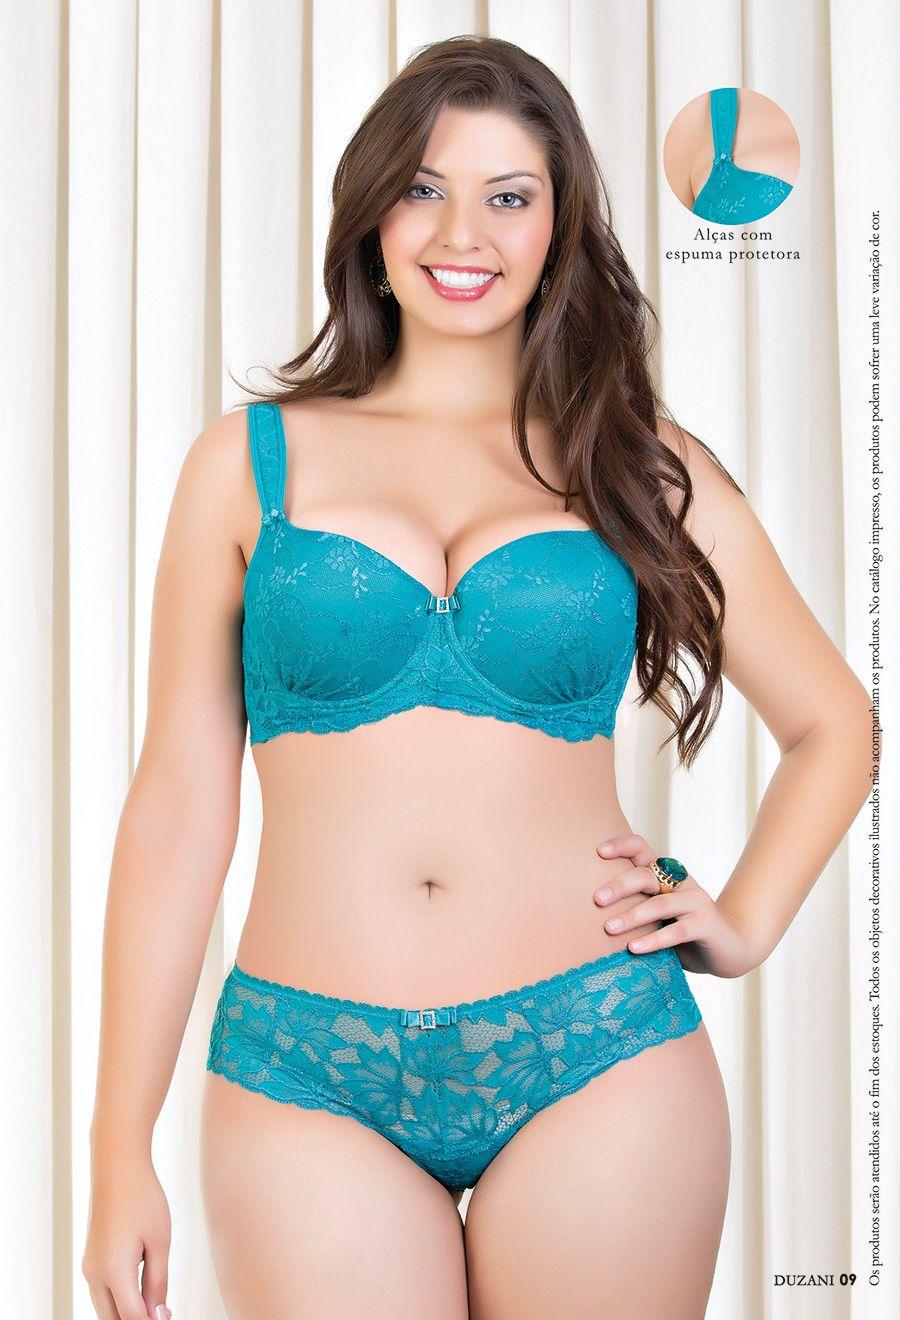 212b9b7415 Duzani Plus Size Lingerie  Plus Size Lingerie  Plus Size  plus size women  lingerie